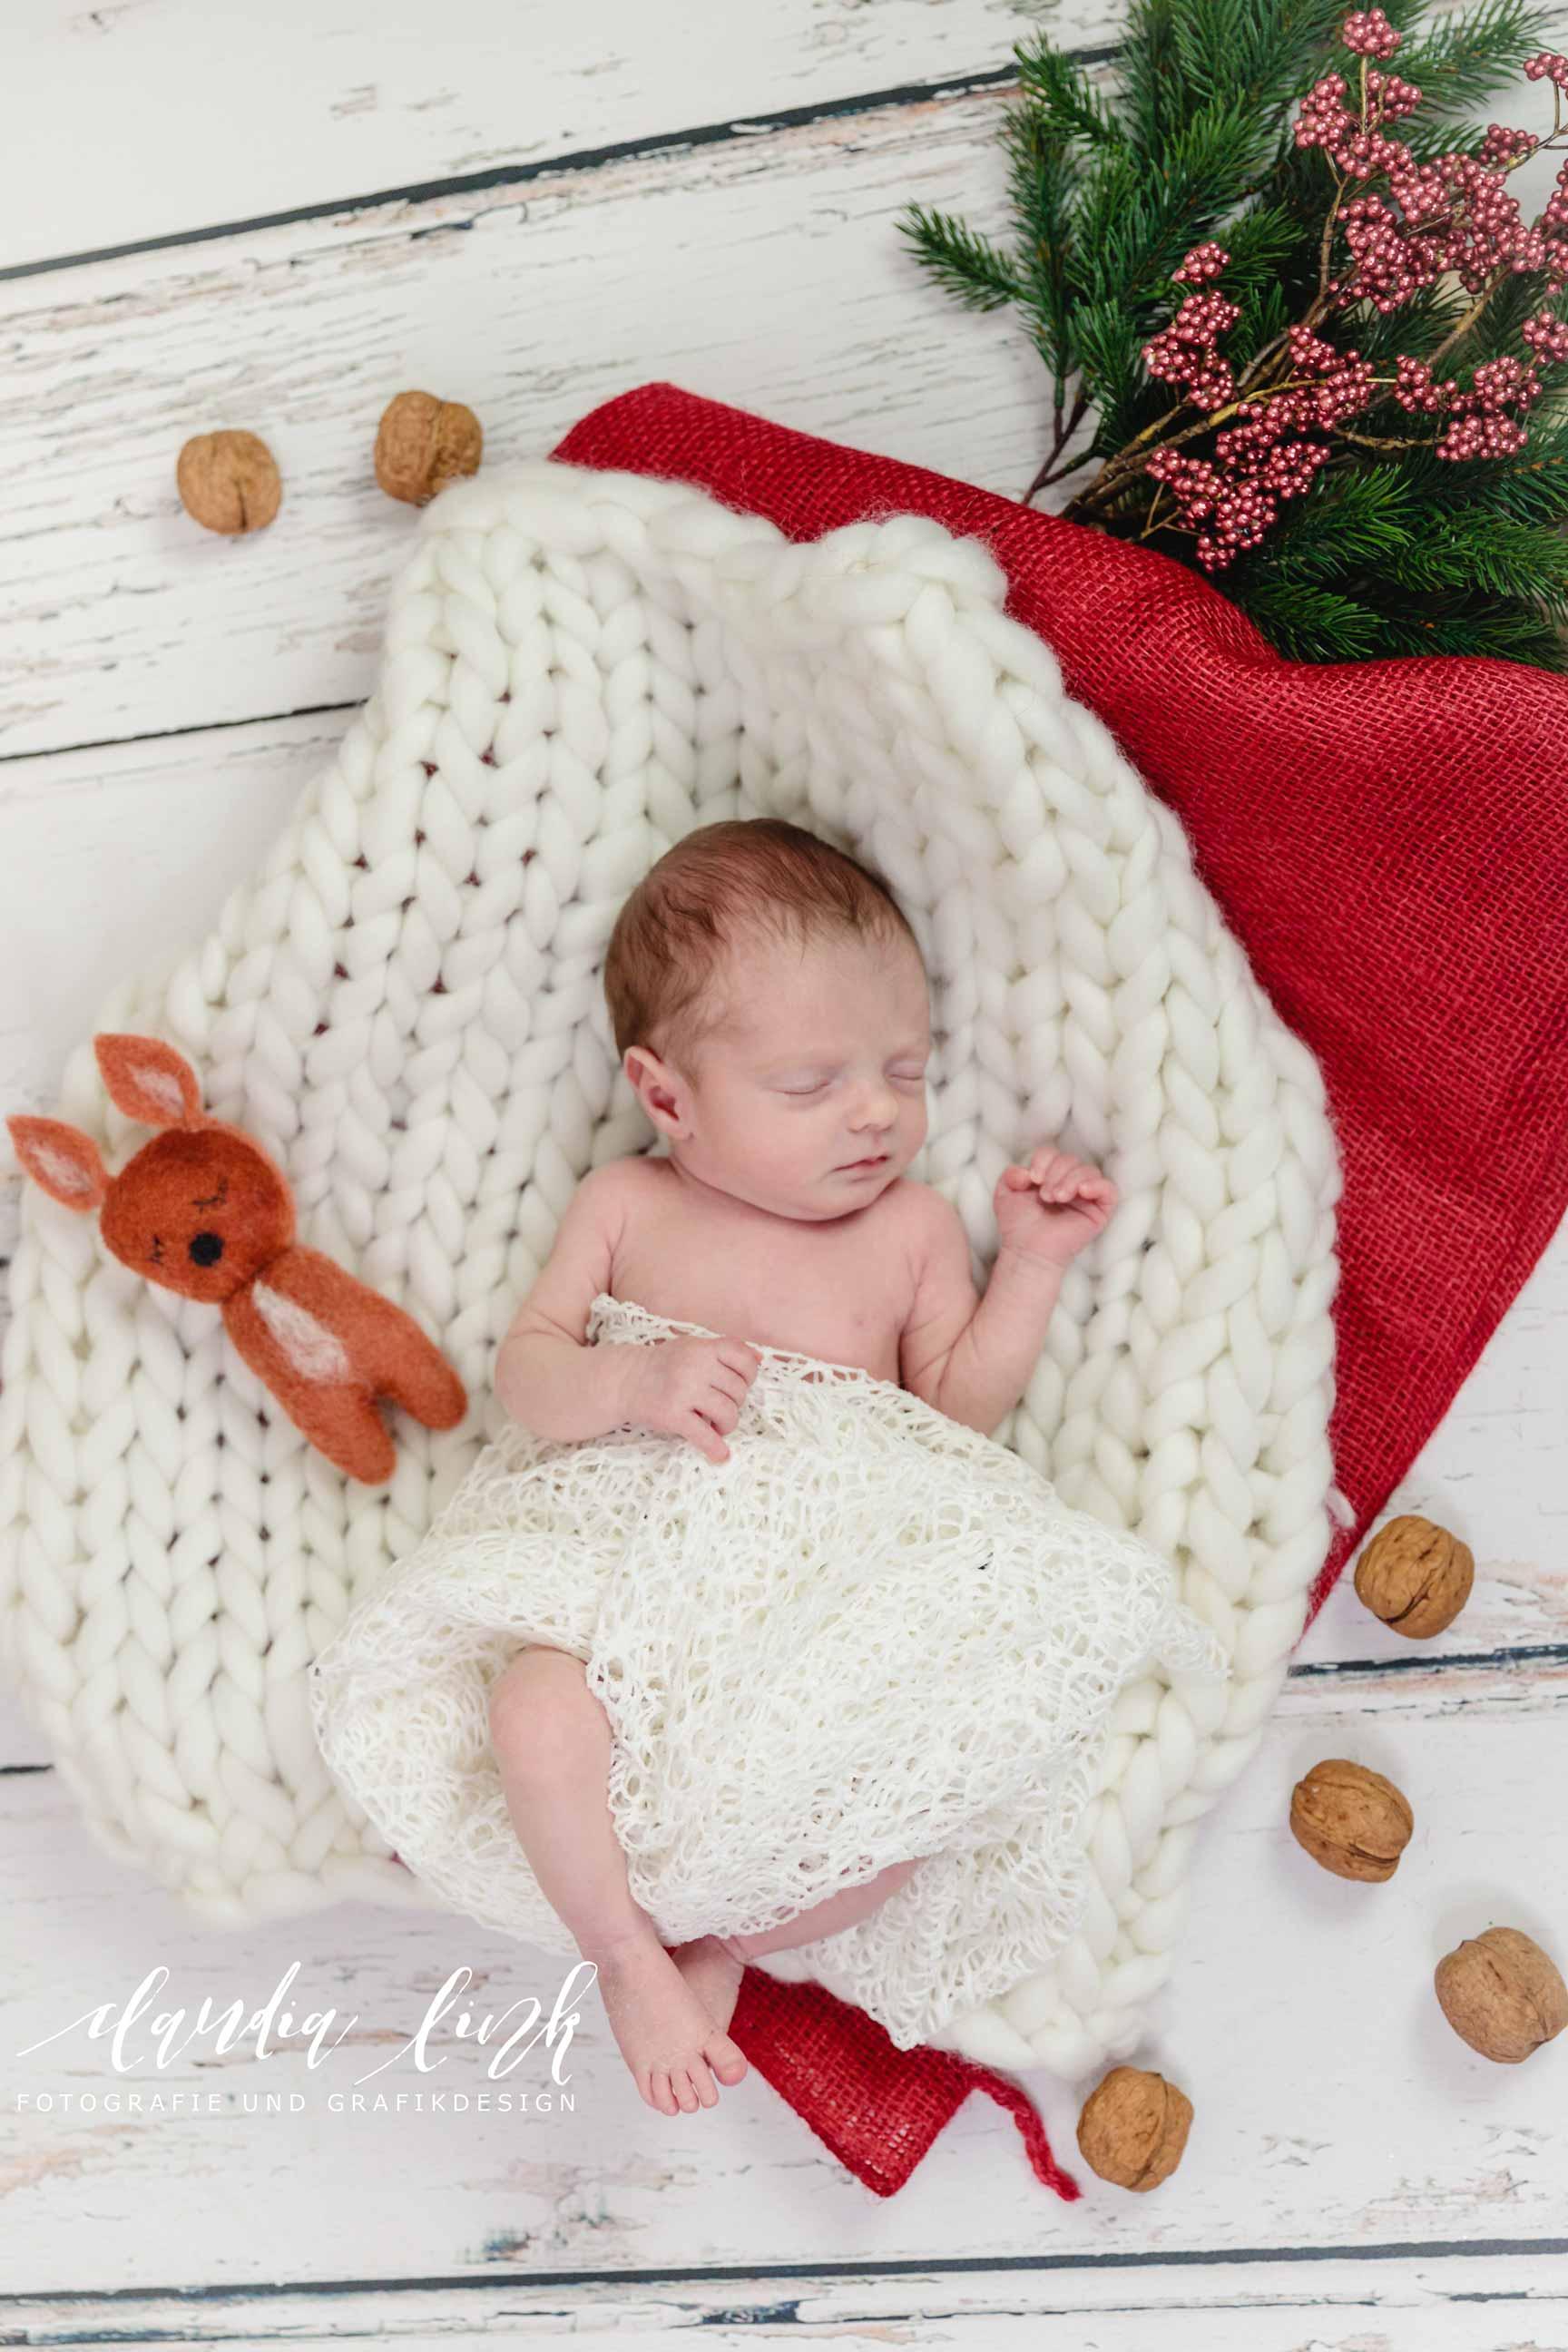 Newbornshooting – Ein schlafendes Baby verzaubert IMG 5007w